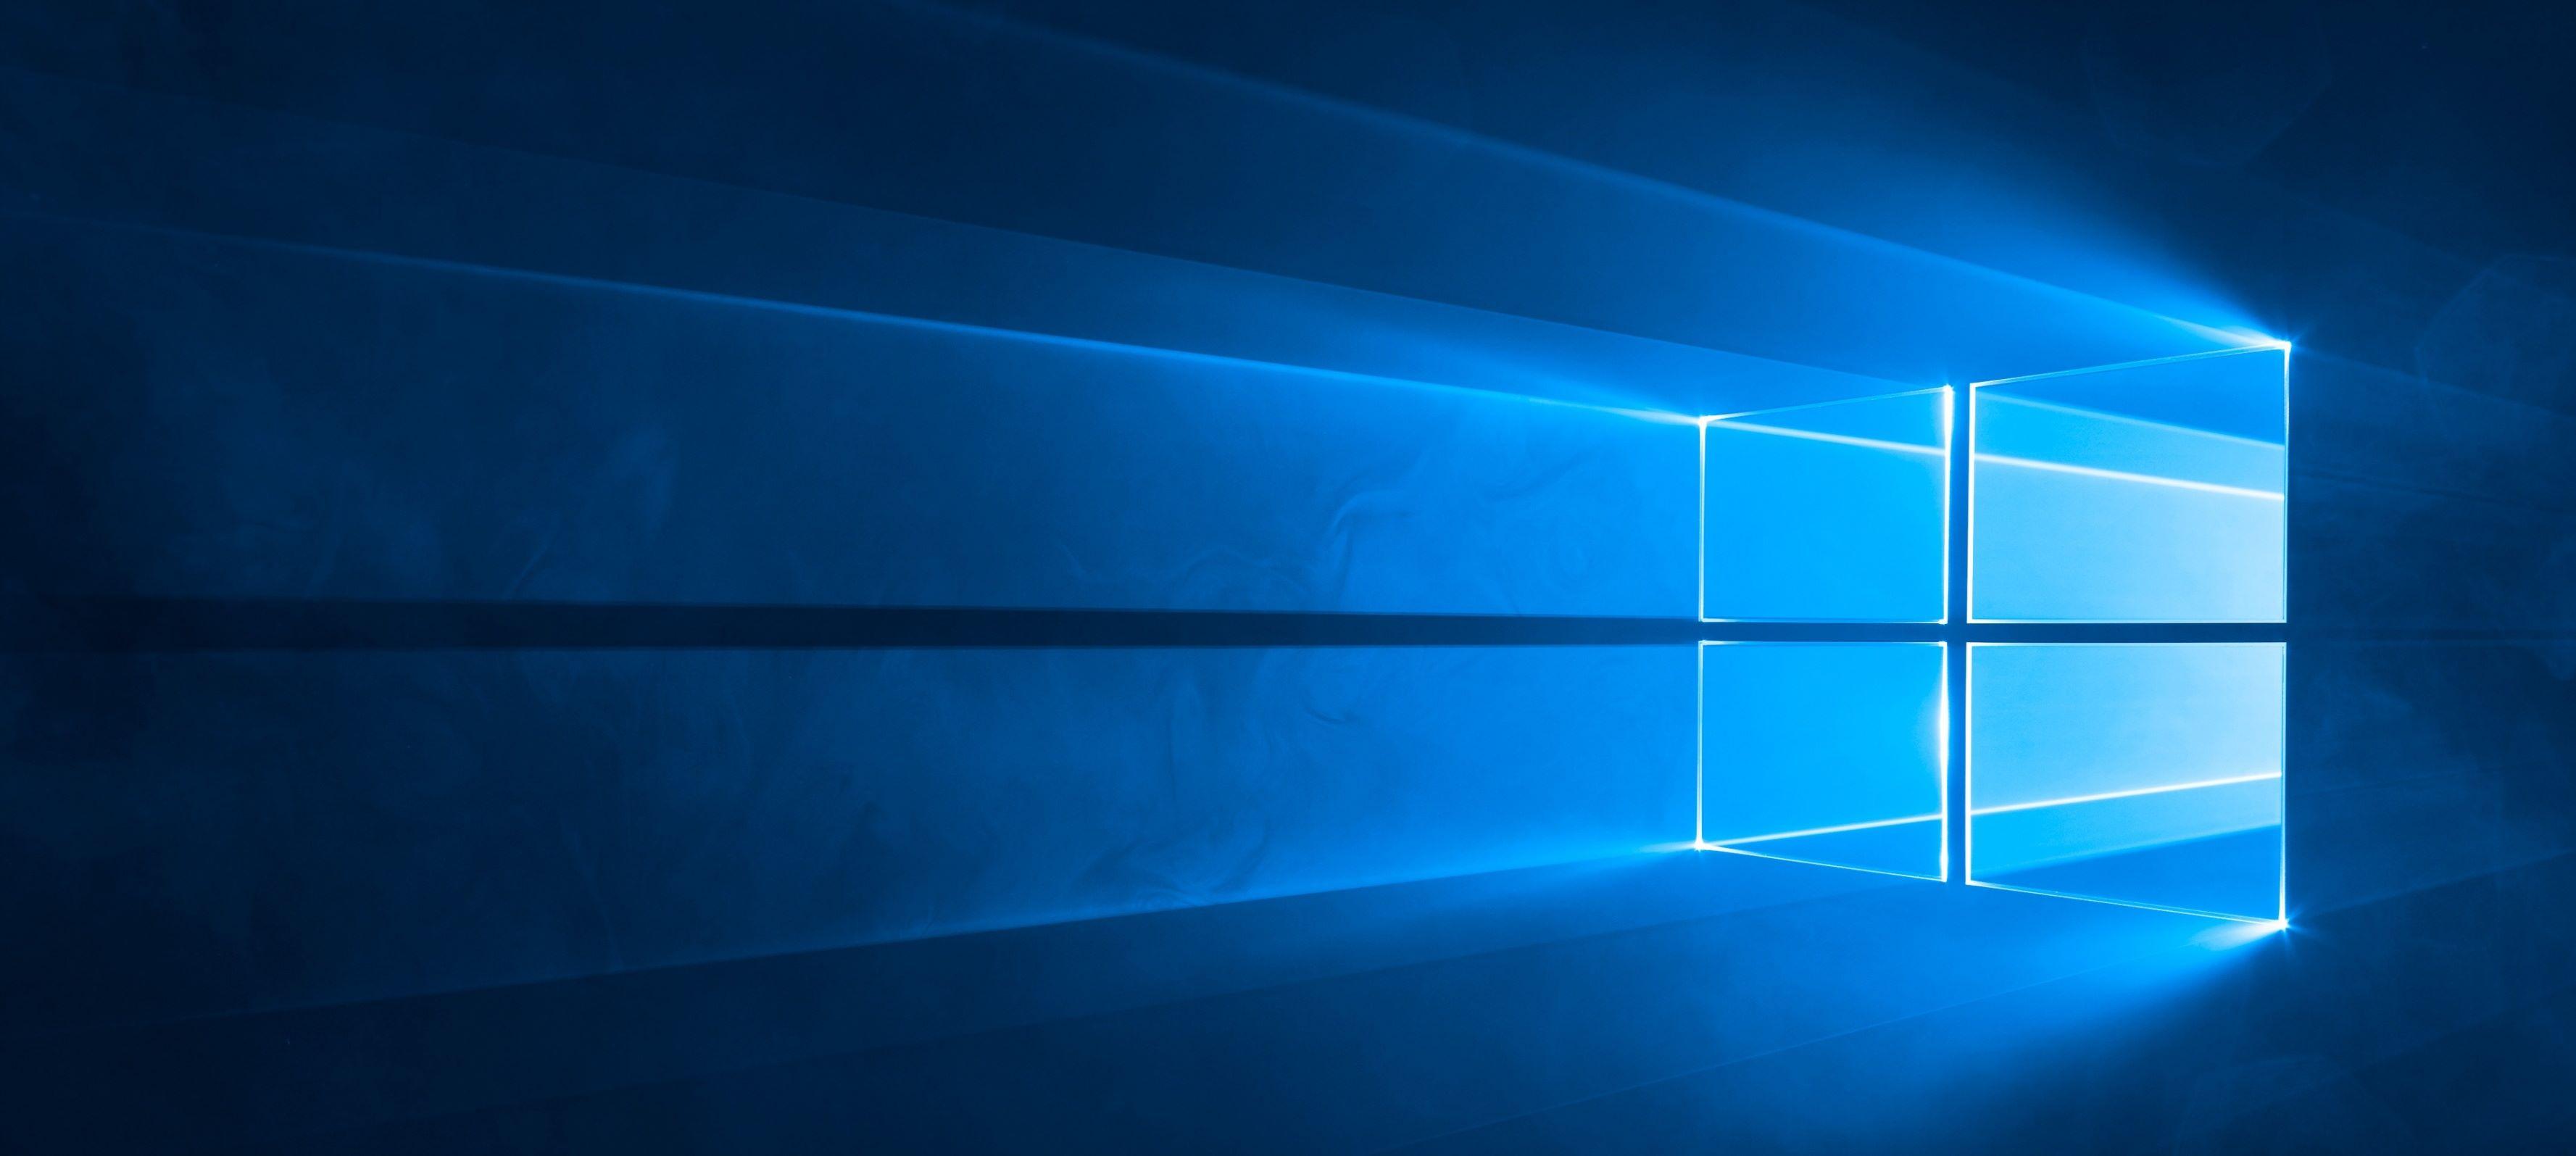 Microsoft hối doanh nghiệp bỏ Windows 7 vì lý do bảo mật